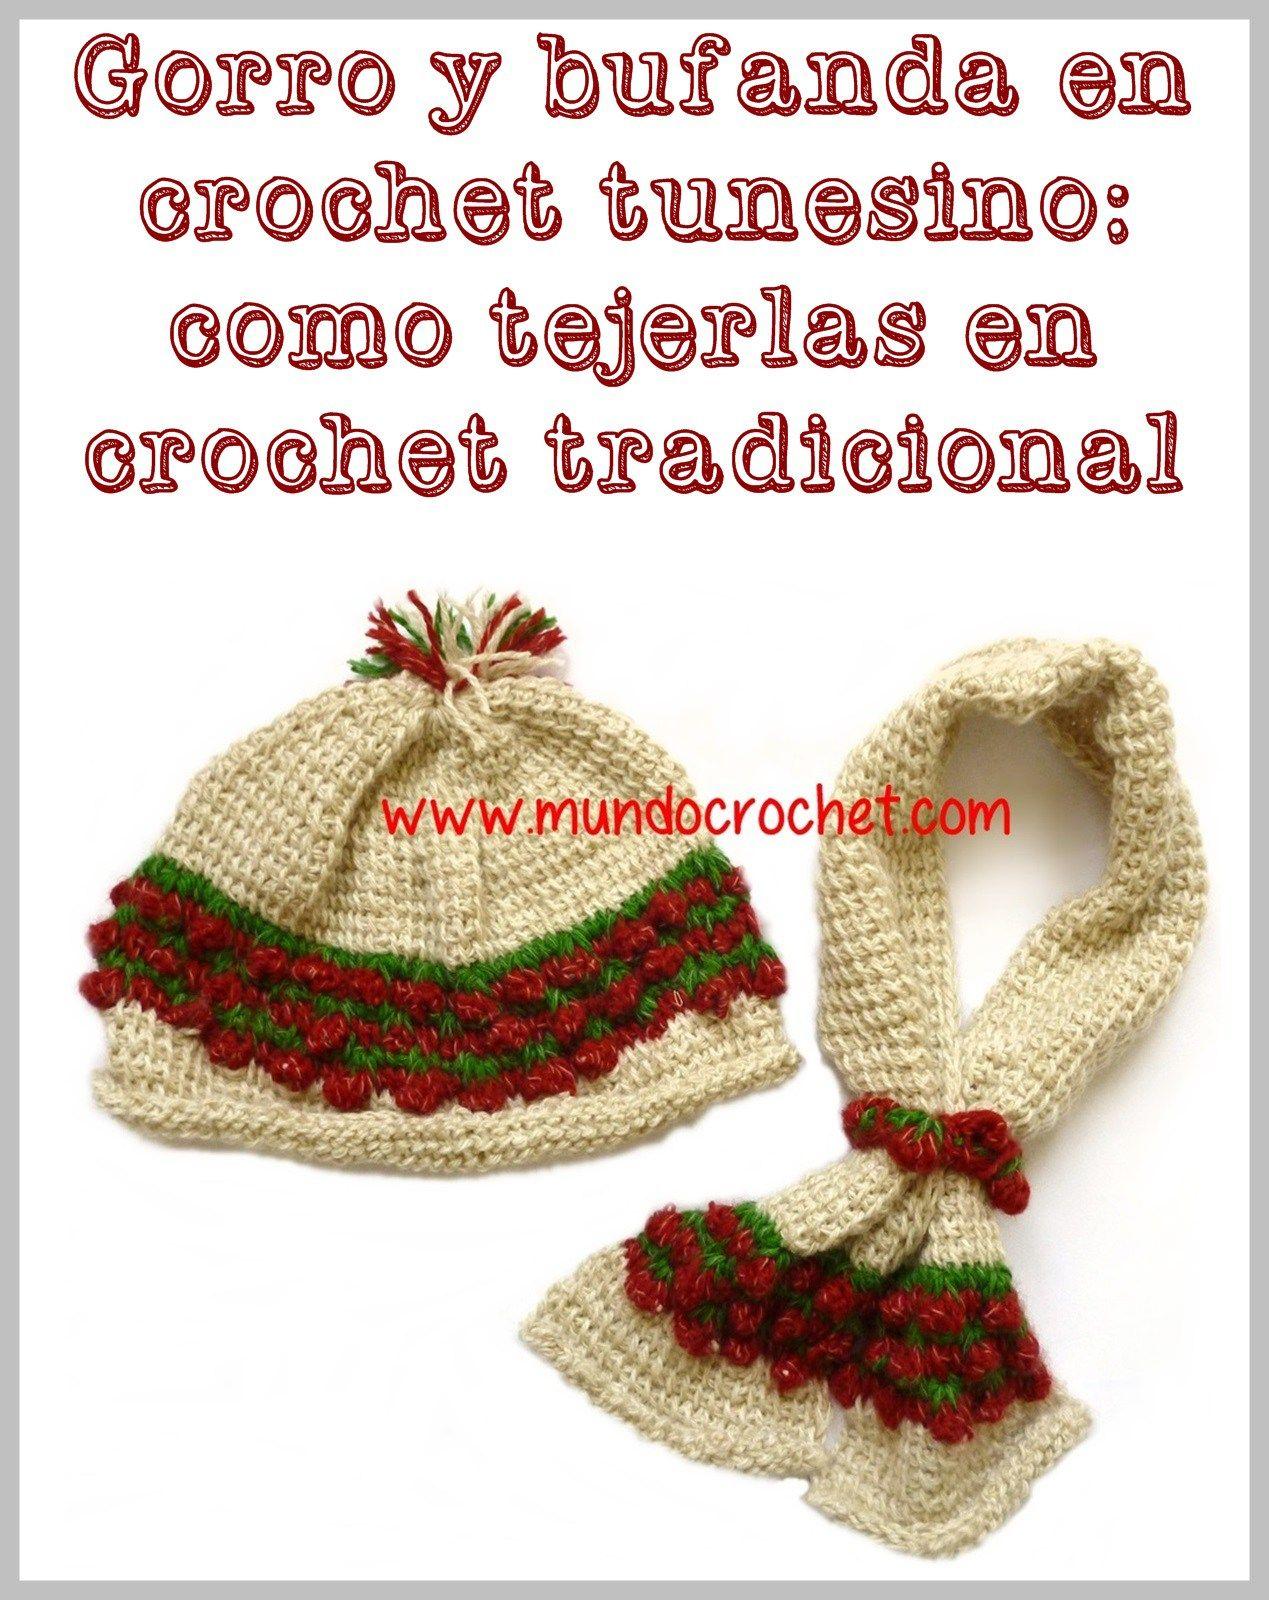 Patron gorro y bufanda en crochet tunesino punto frutilla como ...